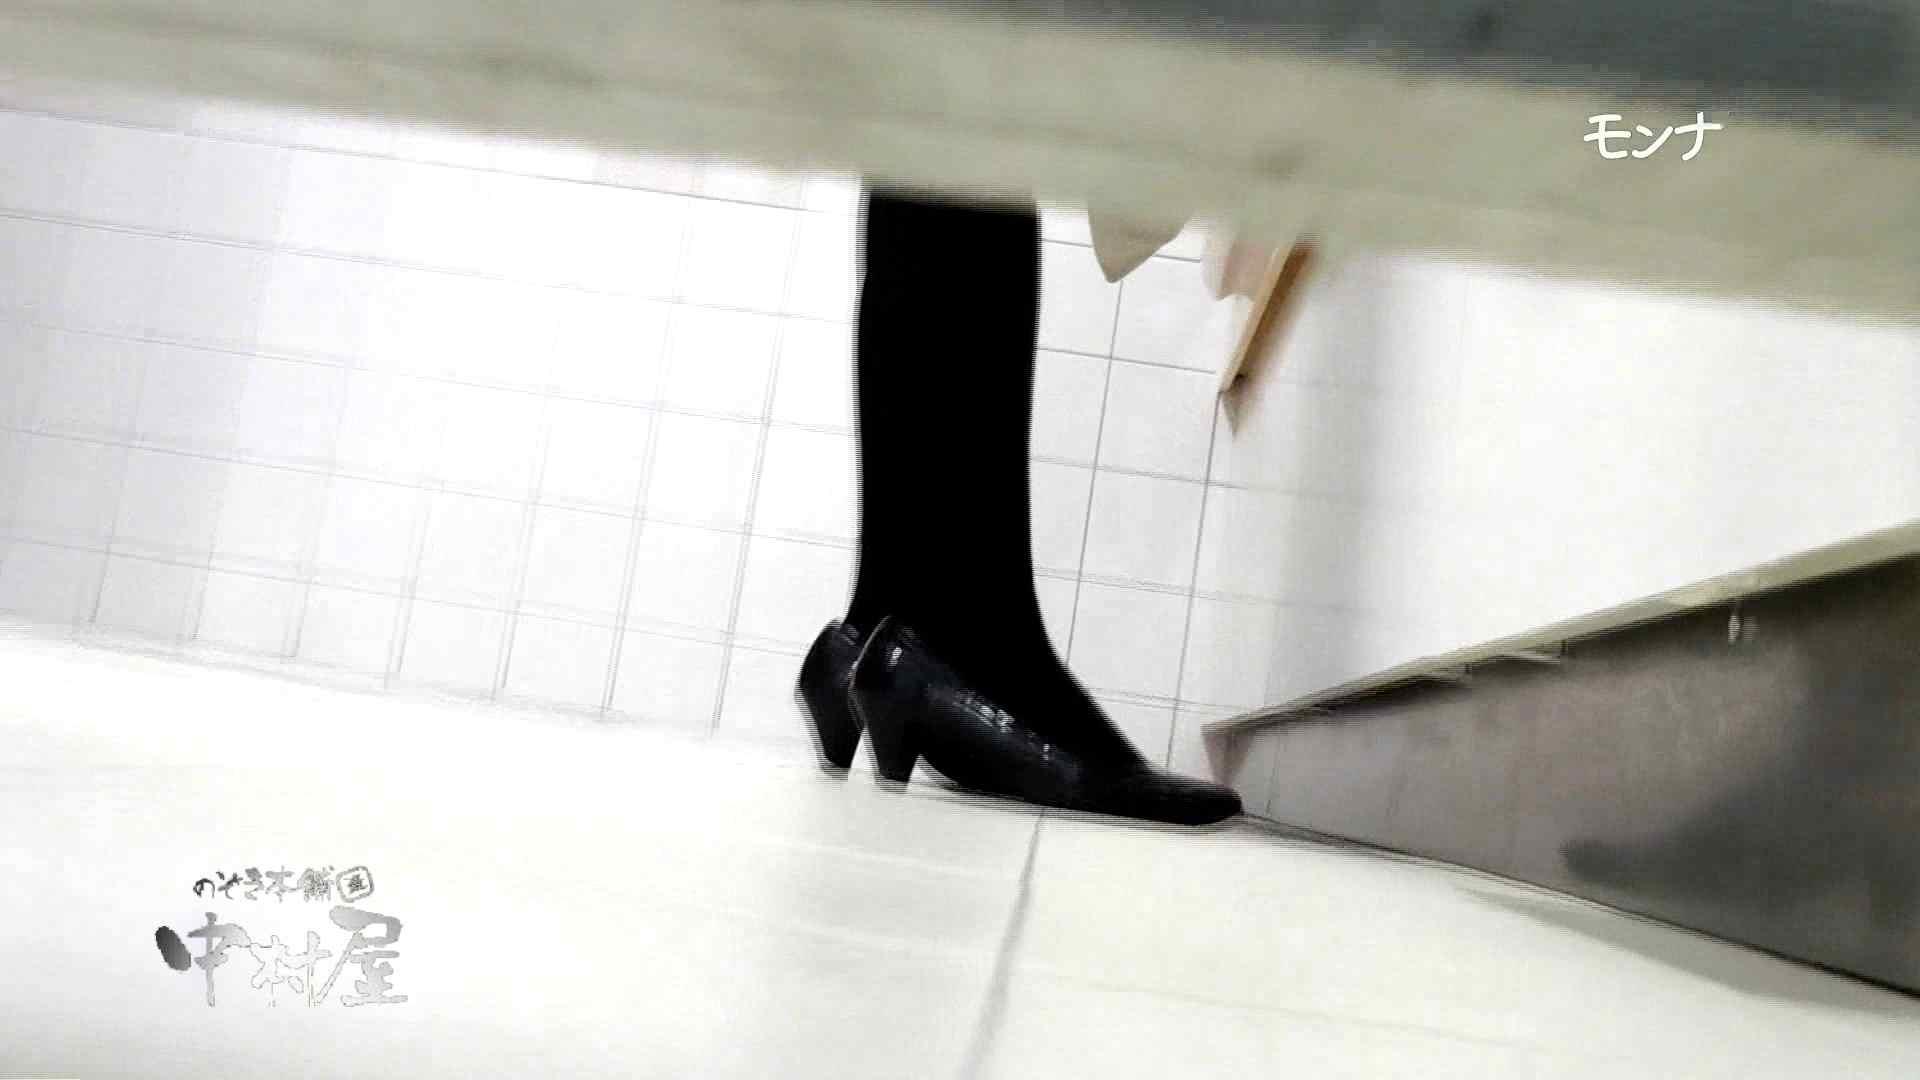 【美しい日本の未来】新学期!!下半身中心に攻めてます美女可愛い女子悪戯盗satuトイレ後編 悪戯  25連発 4